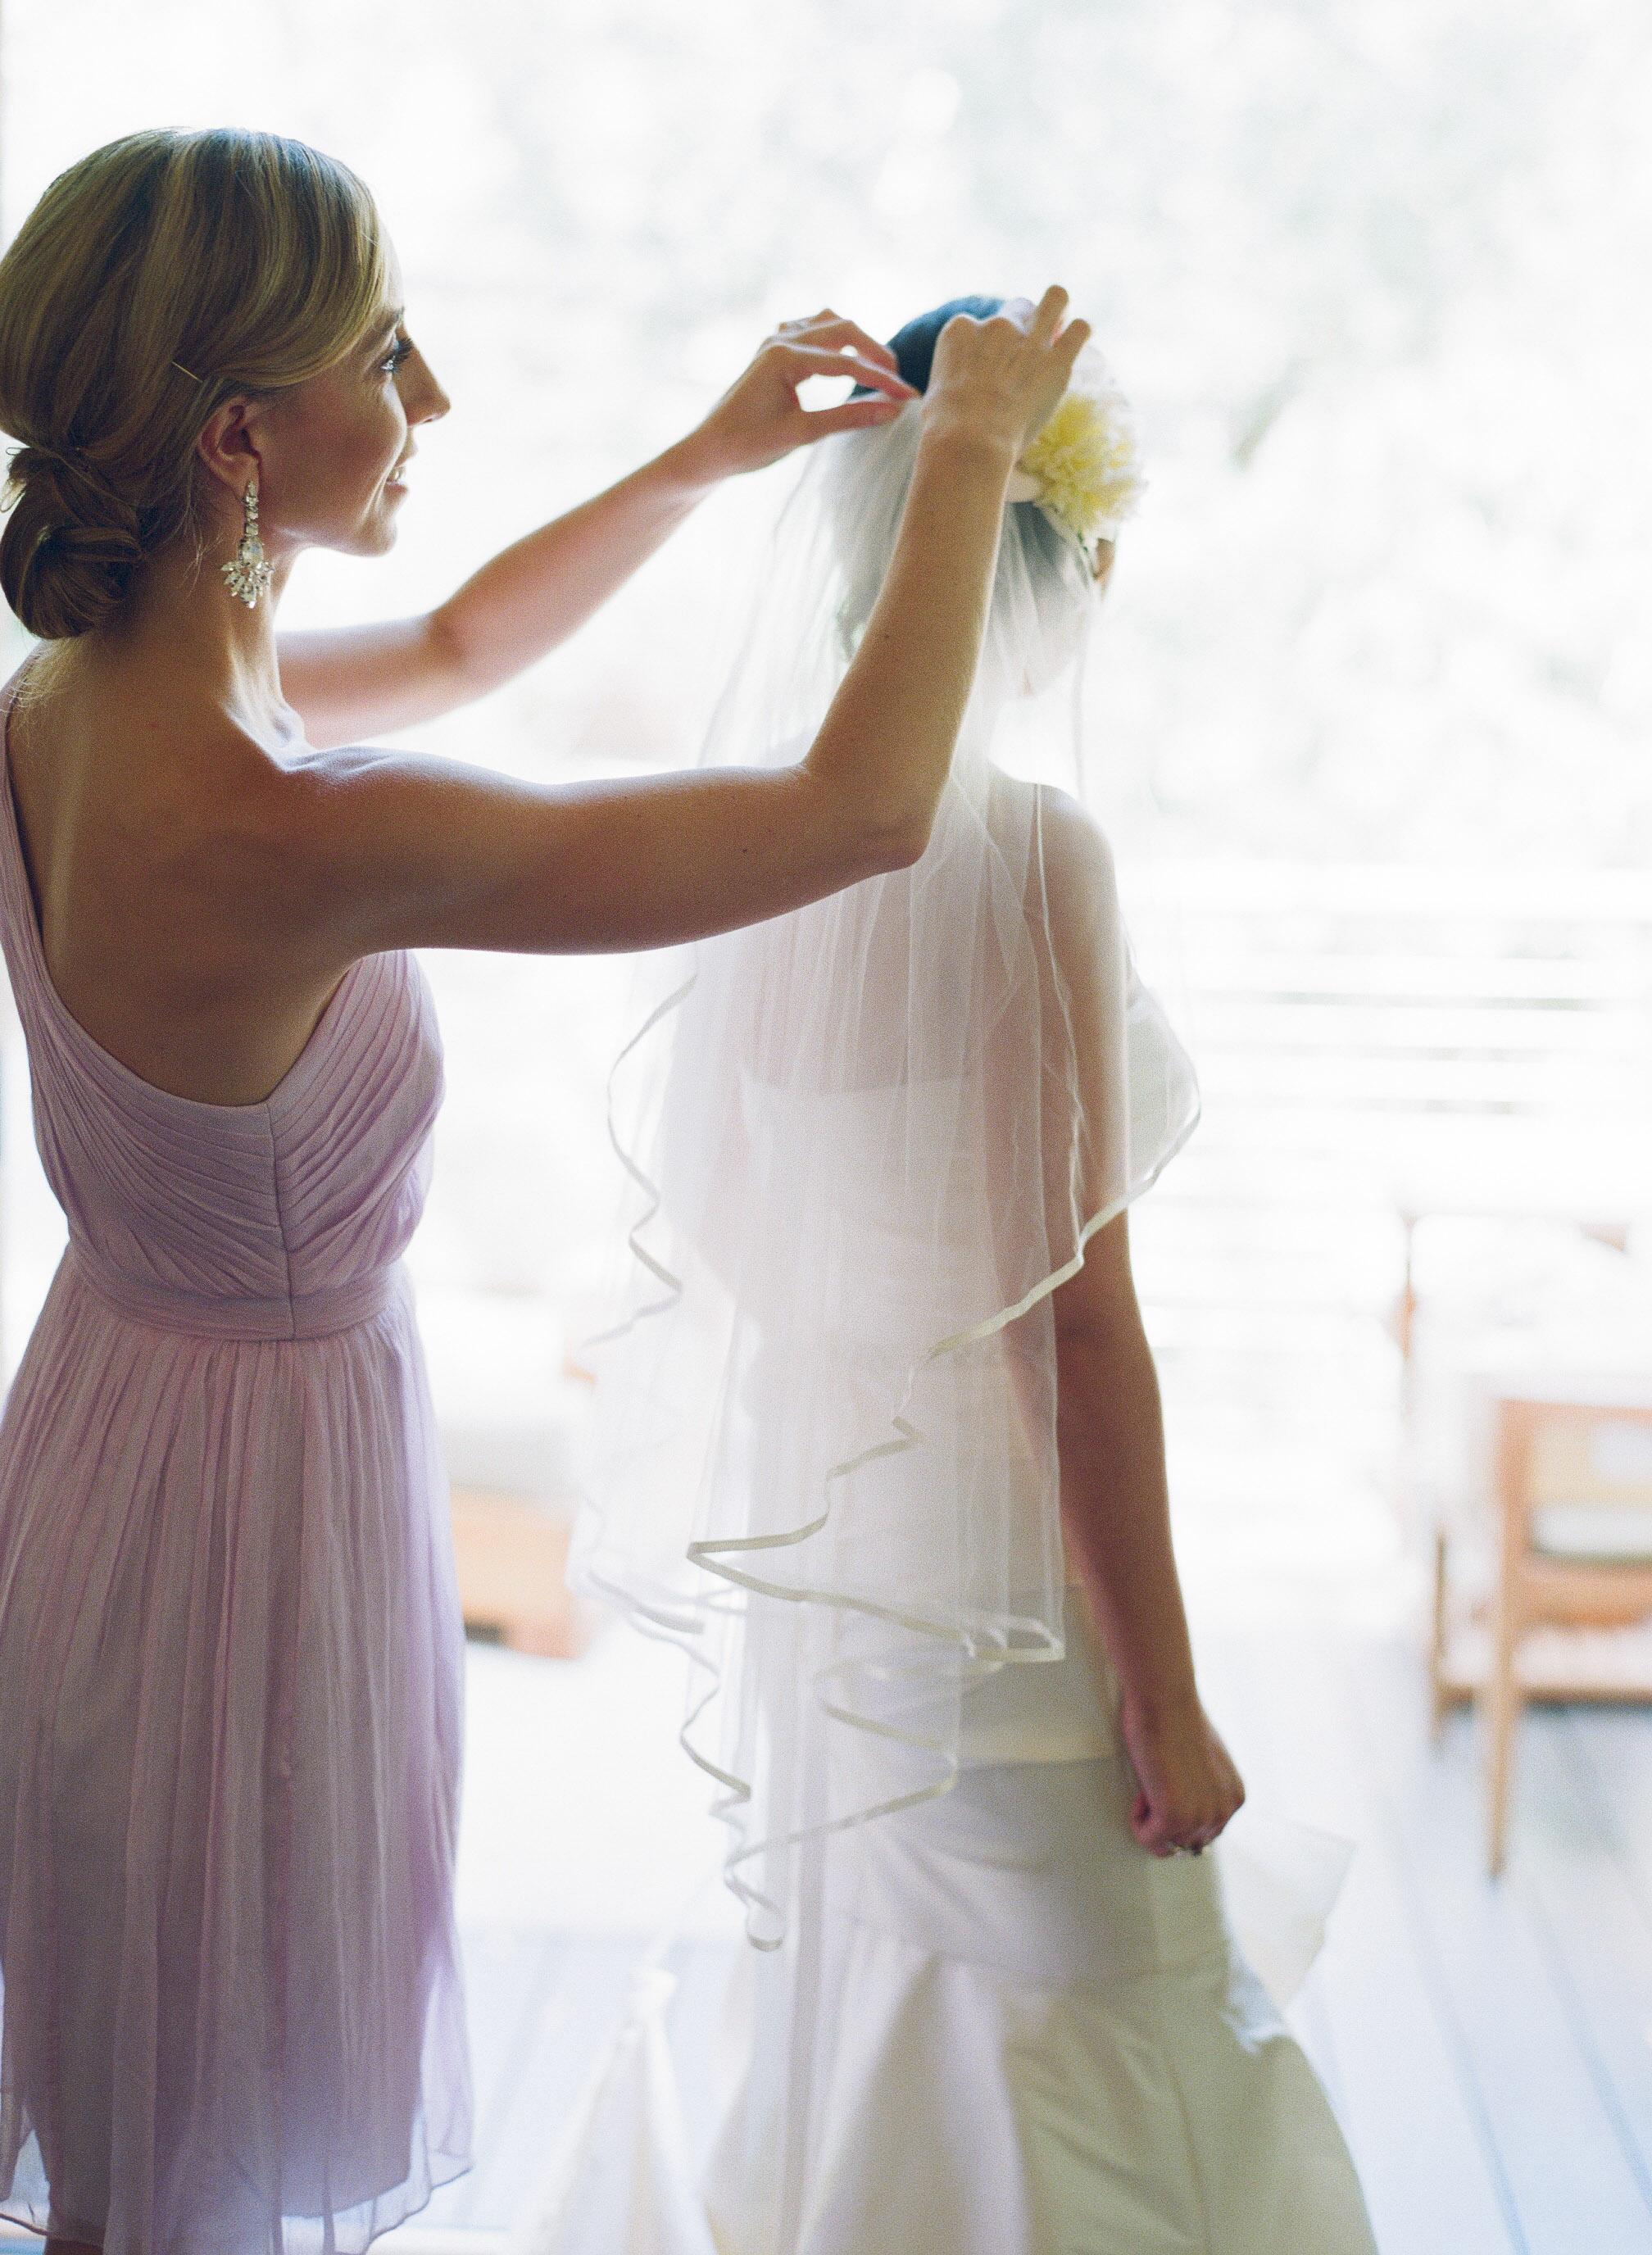 SylvieGil-Bride, Ceremony, Family, film, Groom, Napa, Reception, Wedding, Wedding Party-6.jpg